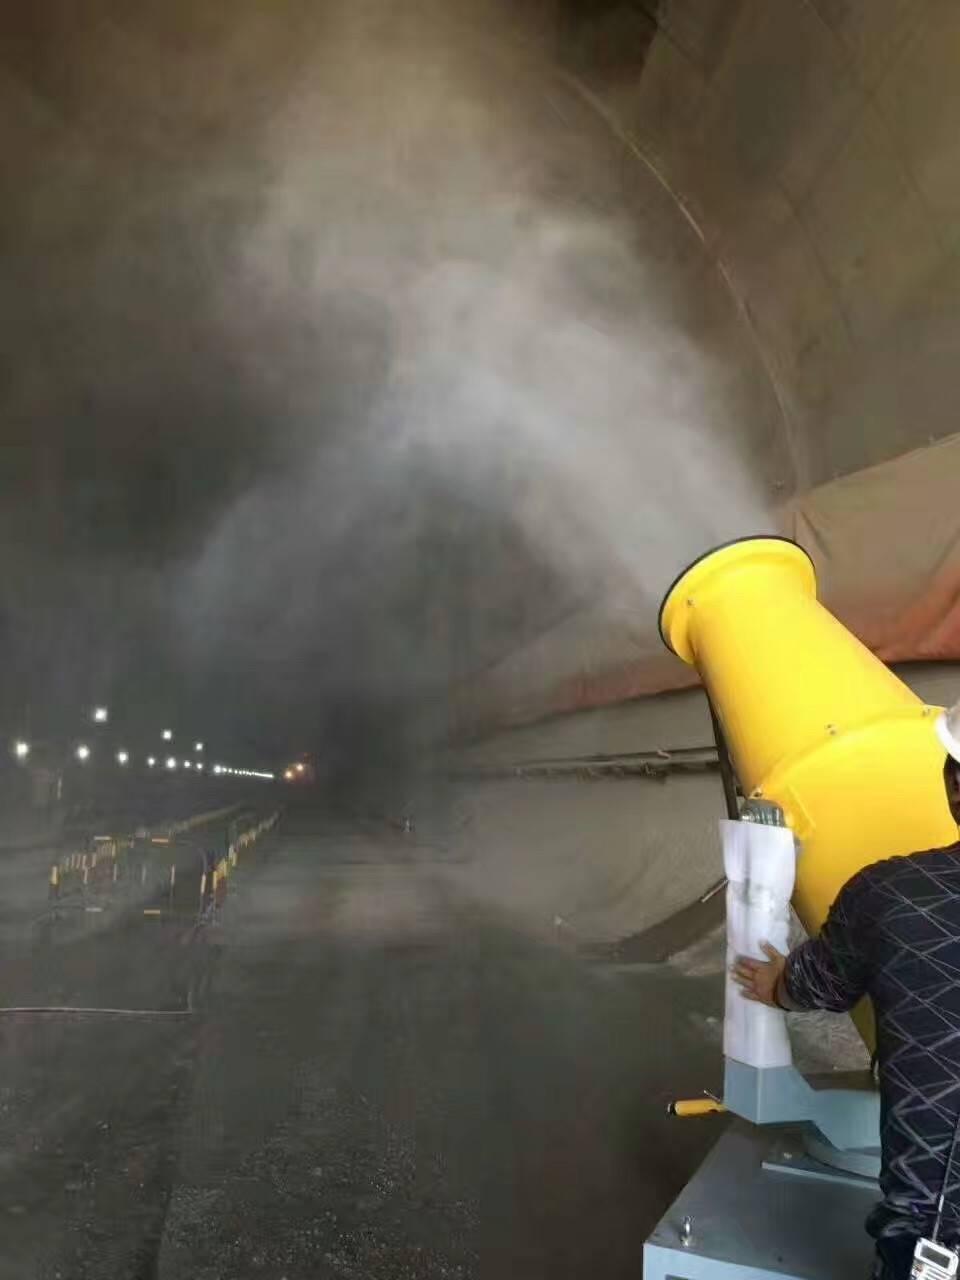 厂家直销天津拆迁工地降尘设备 友洁风送式喷雾机